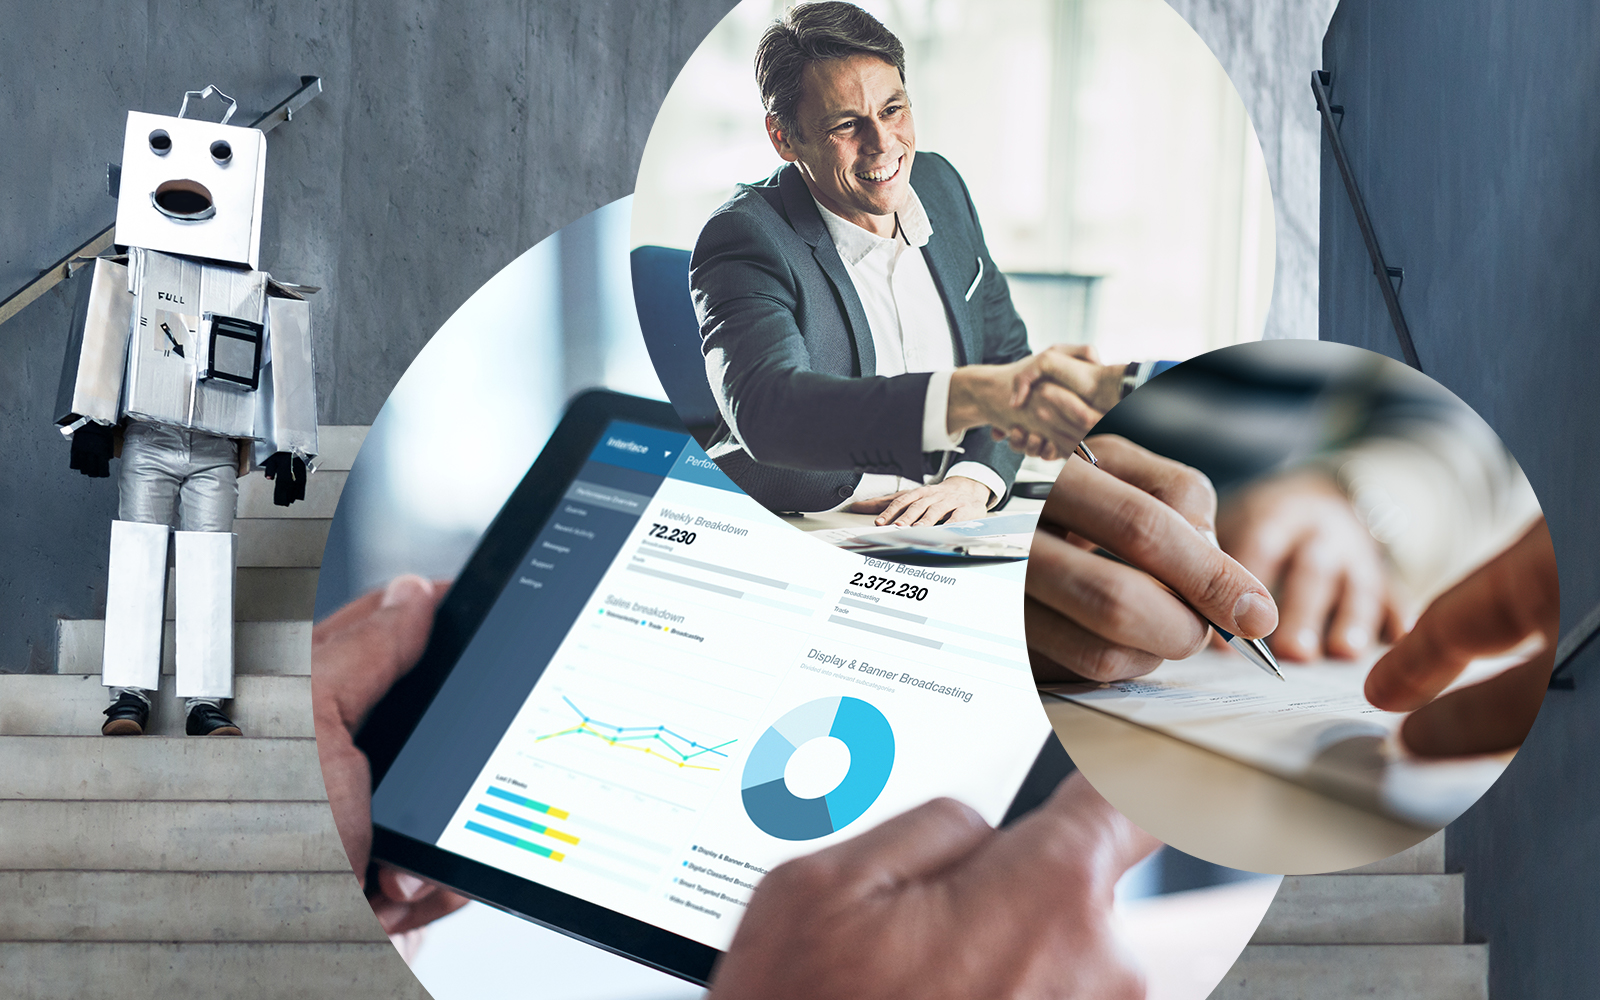 Bild einer als Roboter verkleideten Person vor einem Gebäude, daneben ein Tablet, auf dem der Screen der SAP Sales Cloud zu sehen ist, im Bild daneben ein Vertrag, der gerade unterzeichnet wird, darüber ein Mann, der die Hand einer anderen Person schüttelt